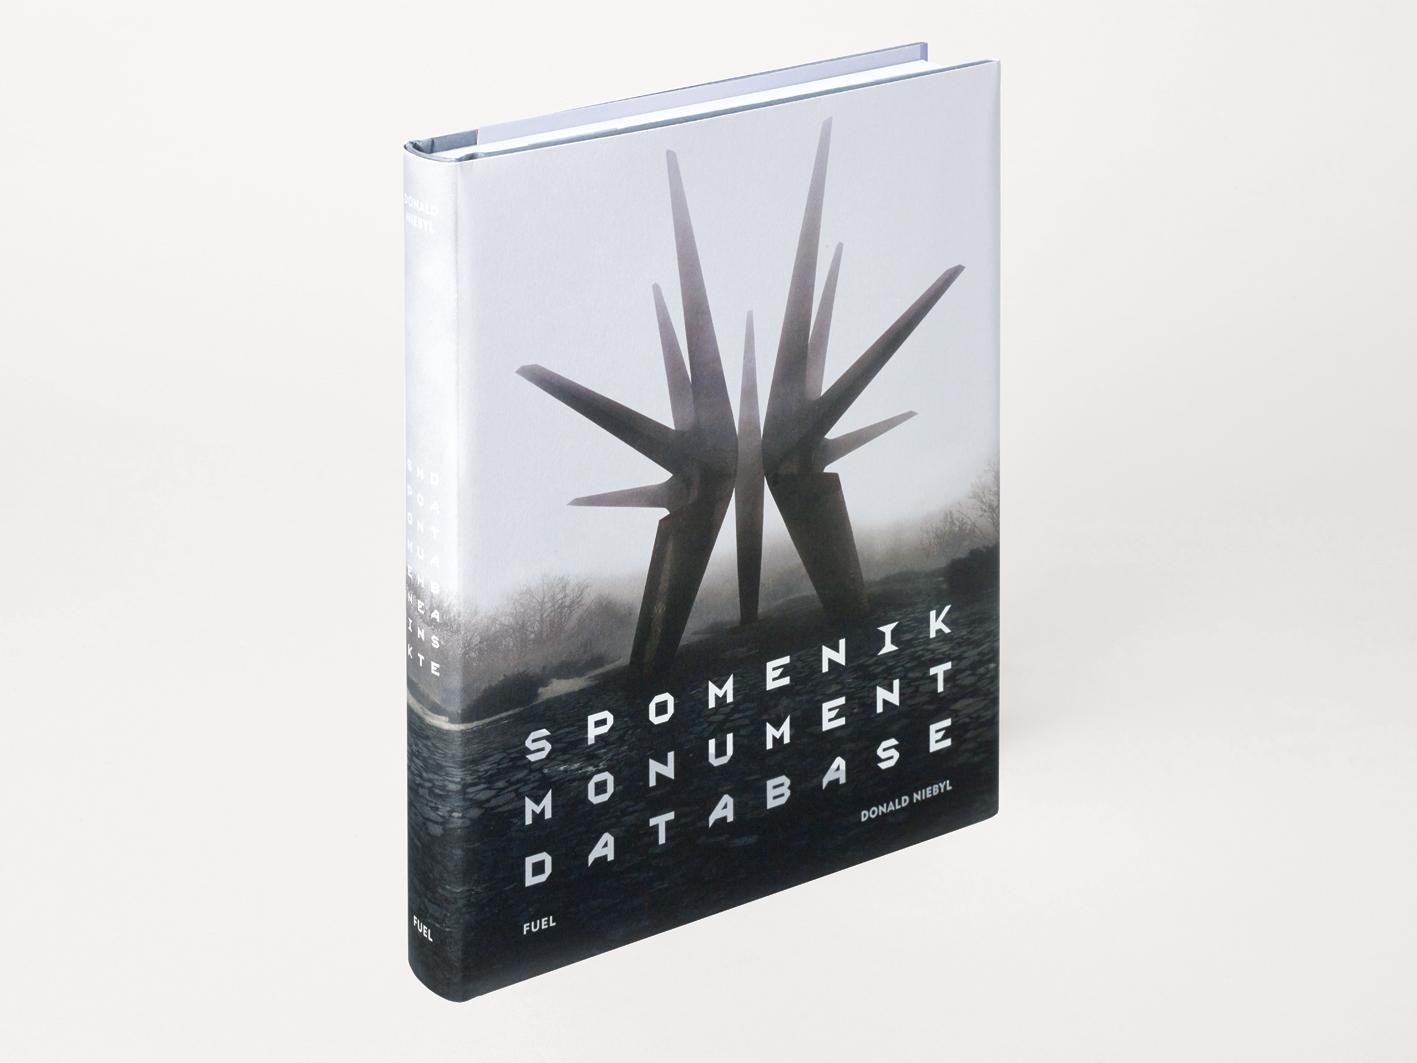 SPOMENIK MONUMENT DATABASE_book.jpg